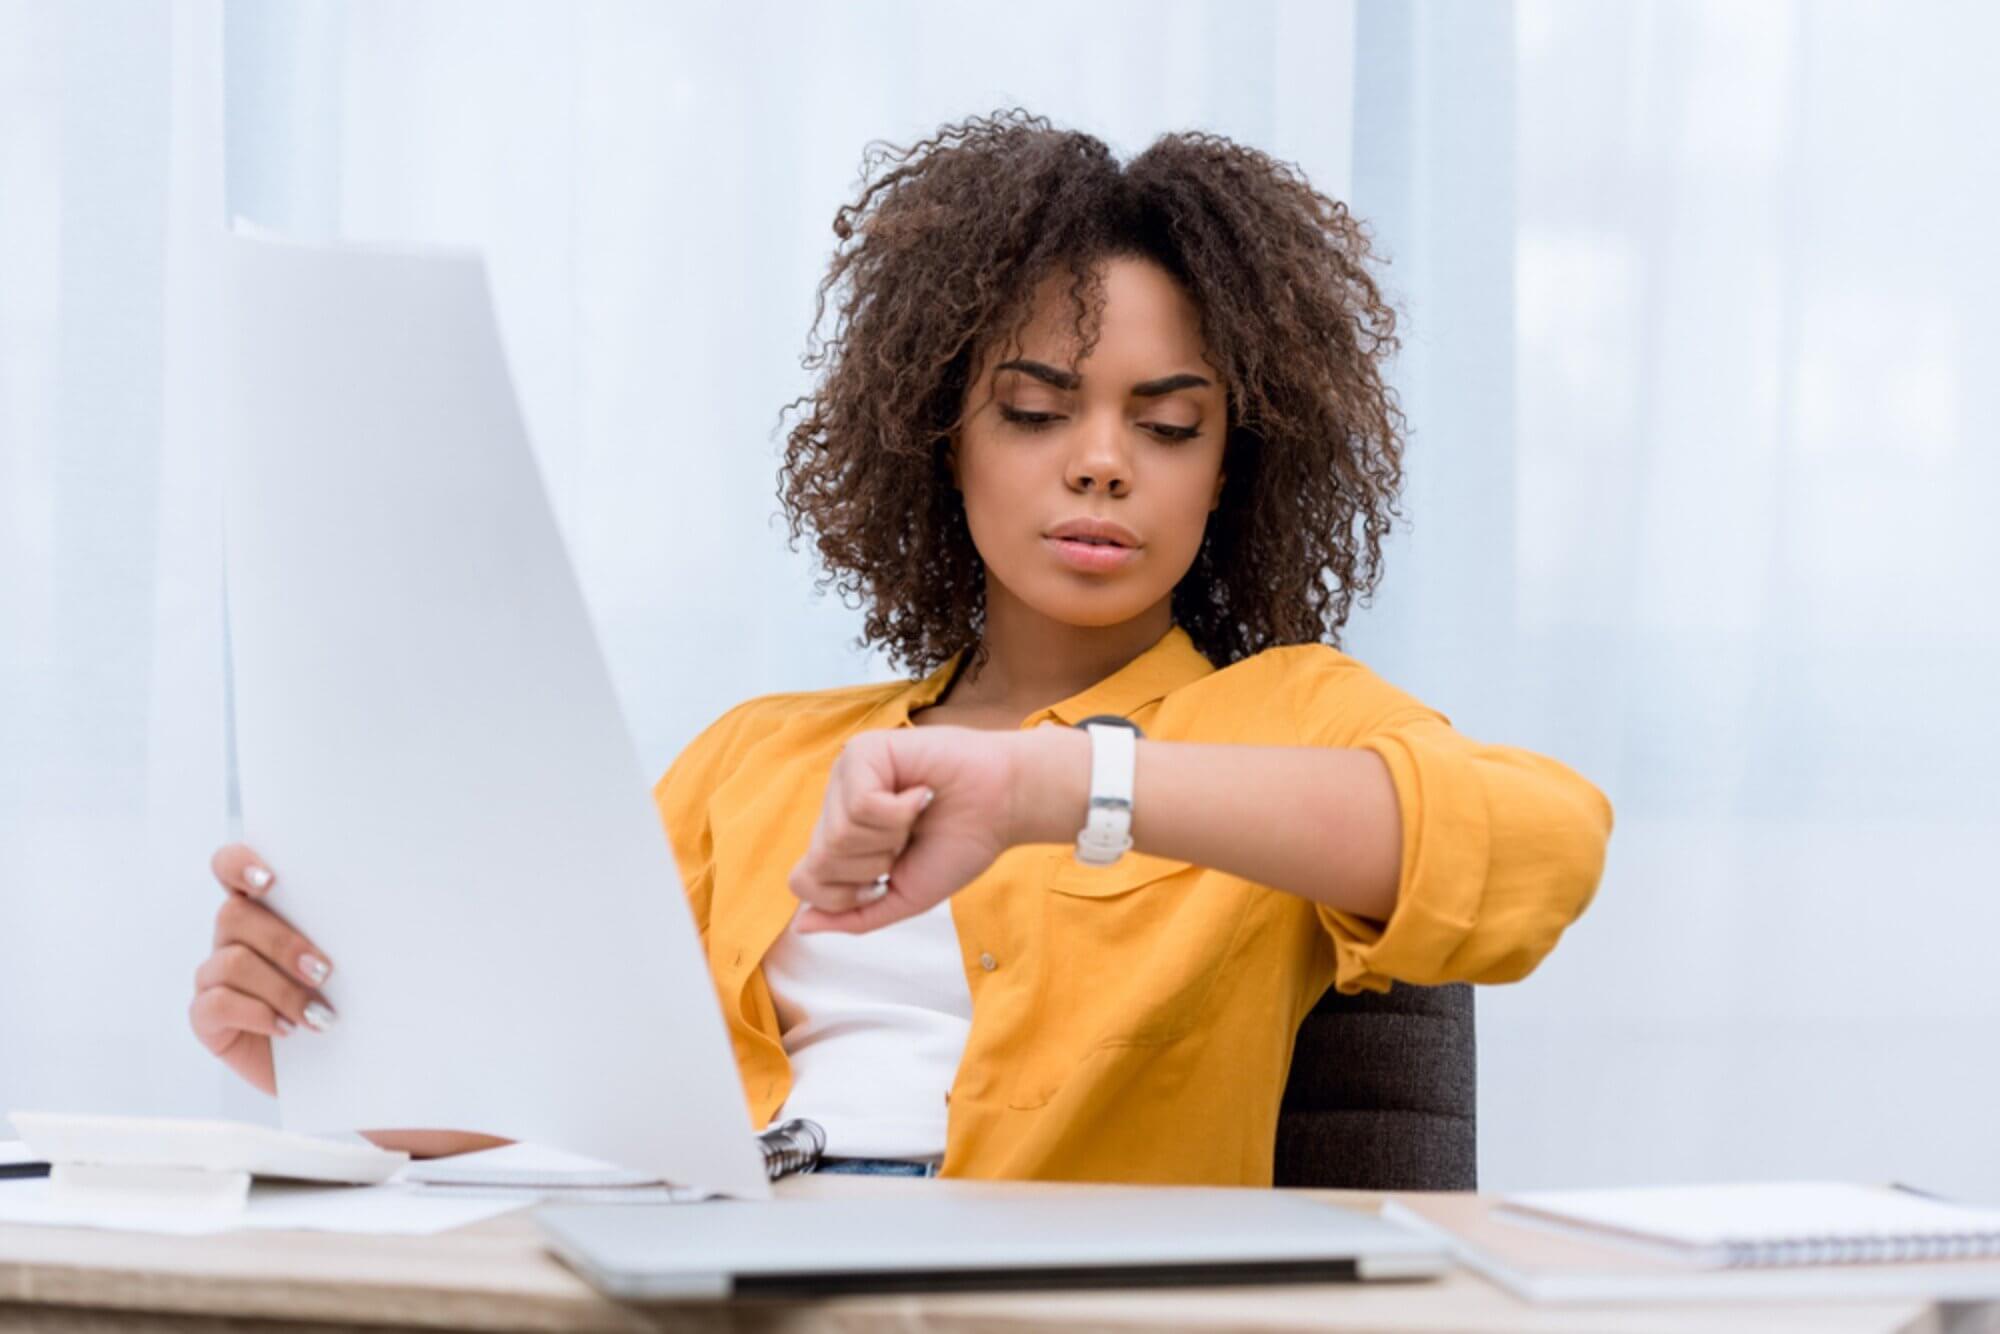 Moça olha para o relógio preocupada enquanto trabalha em relatórios